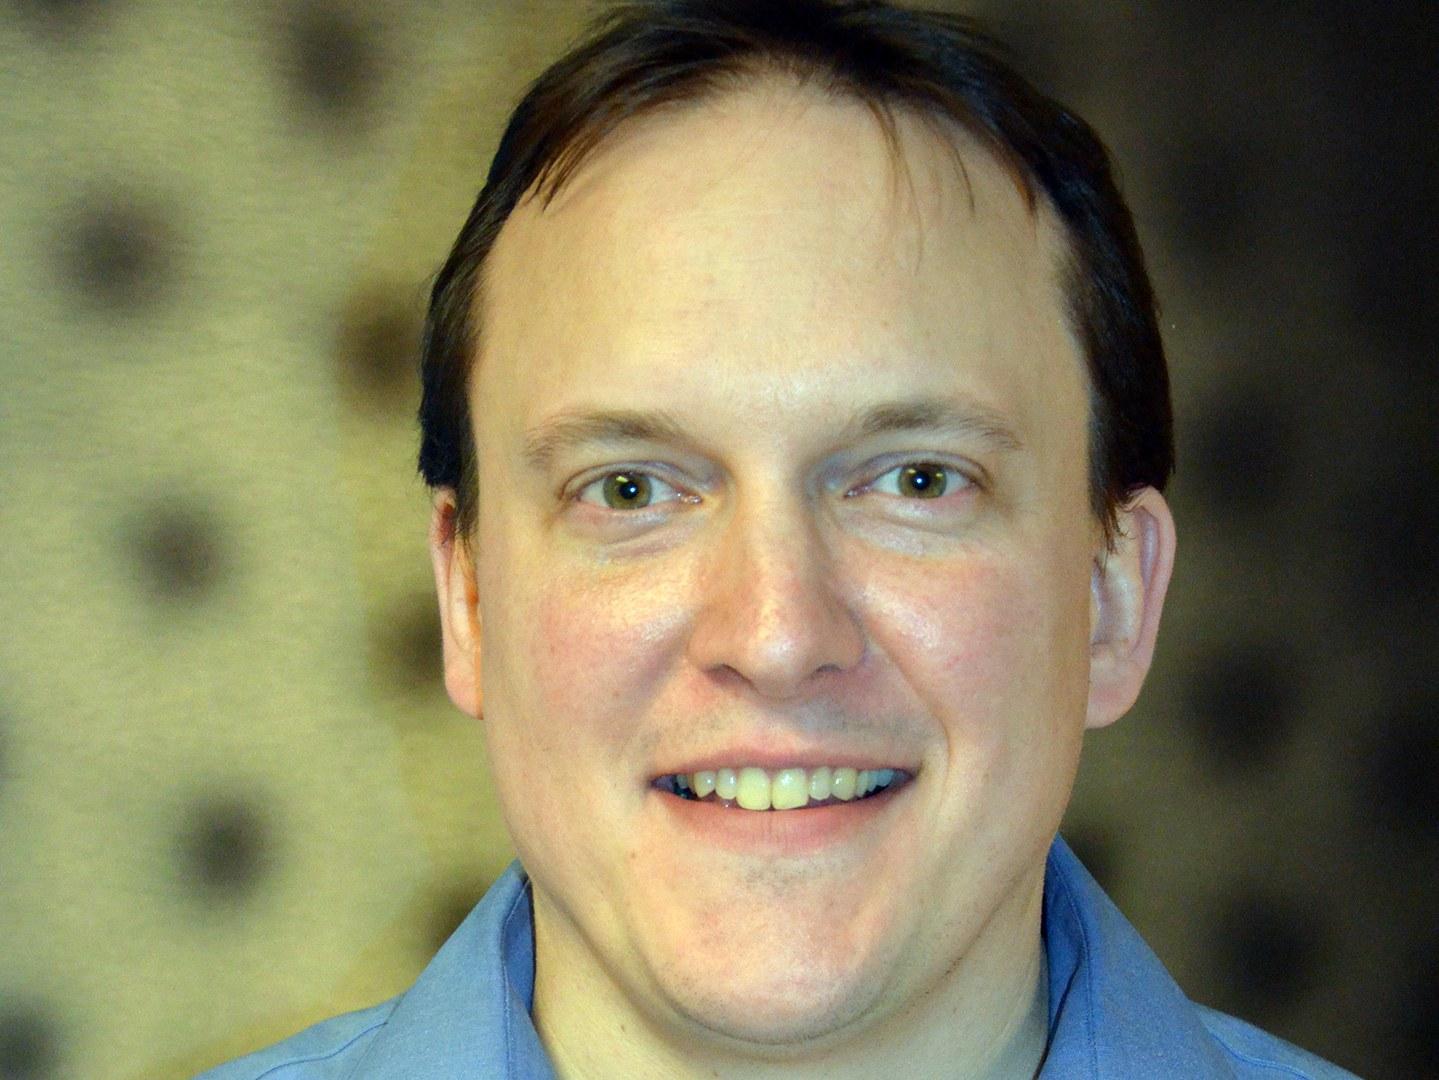 Der Physiker Prof. Dr. Martin Zwierlein